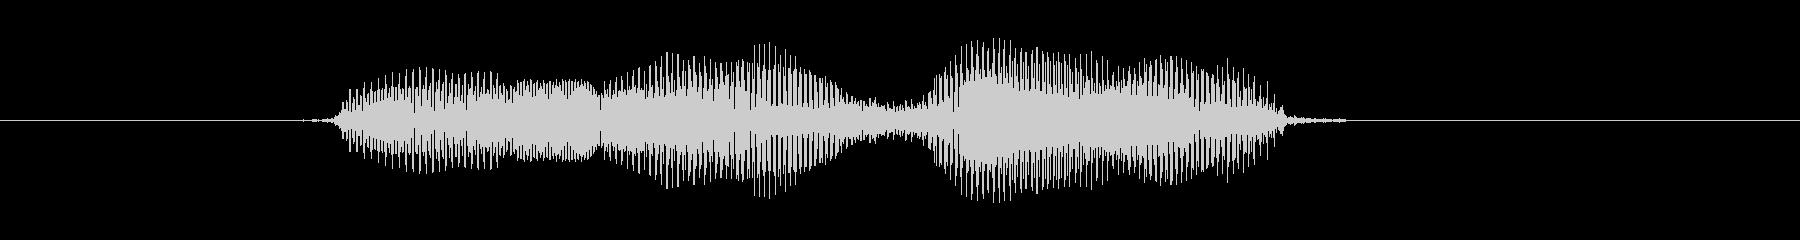 お願い の未再生の波形